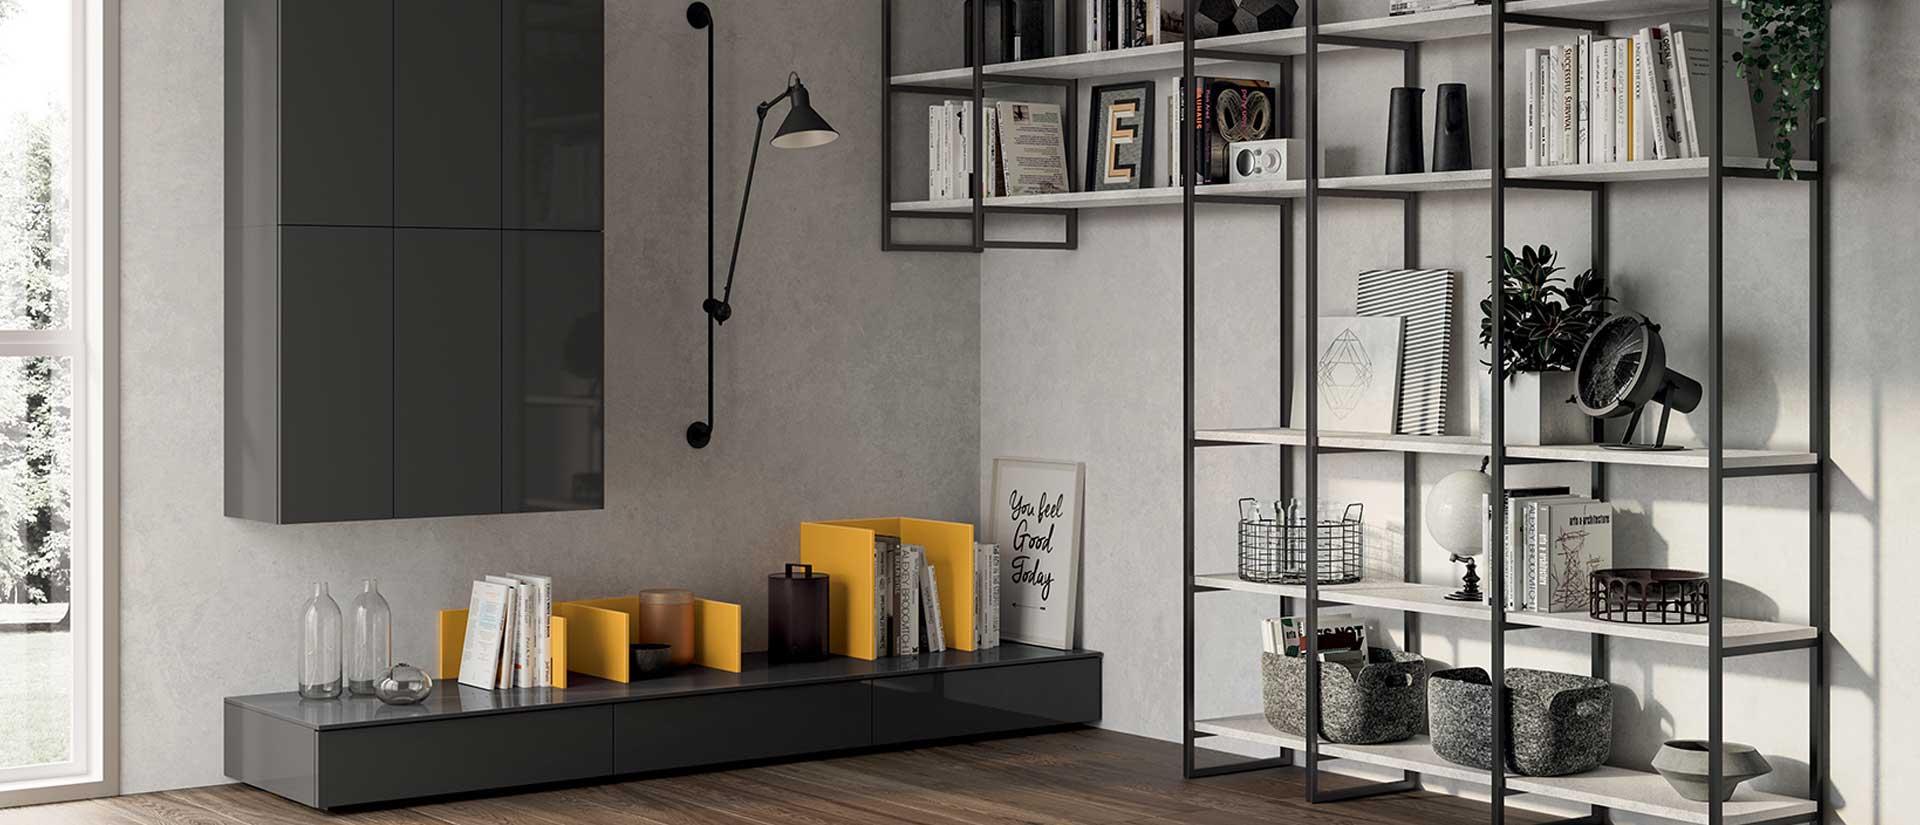 Living Sax Scavolini   Arredamento moderno zona giorno   Casadesign